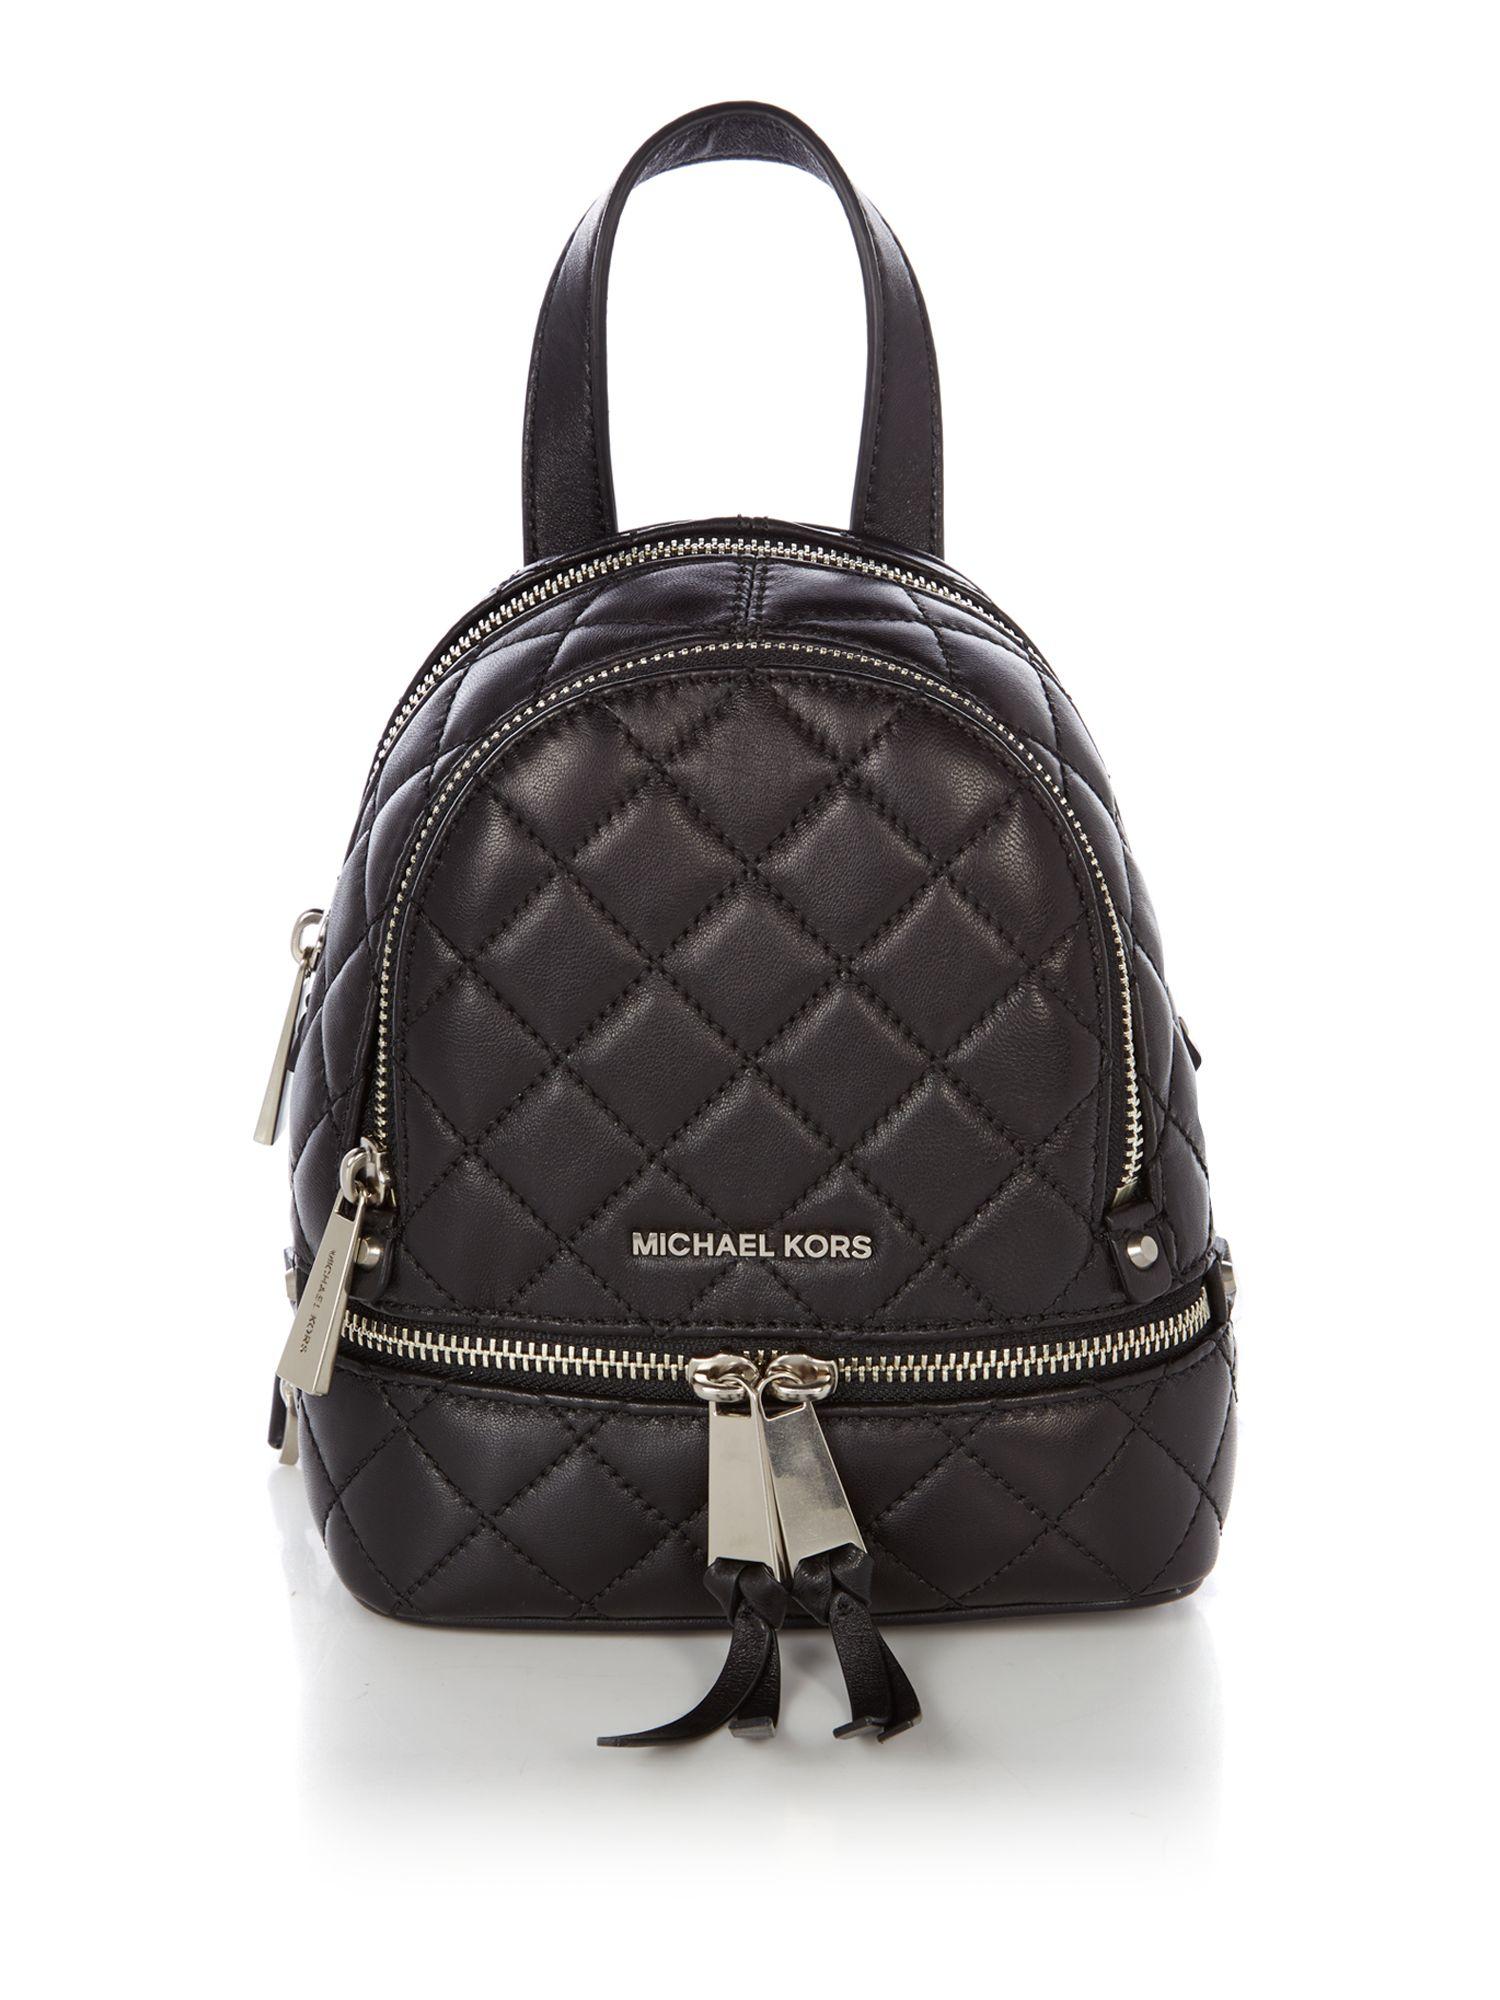 Michael Kors Rhea Zip Medium Backpack In Black Lyst